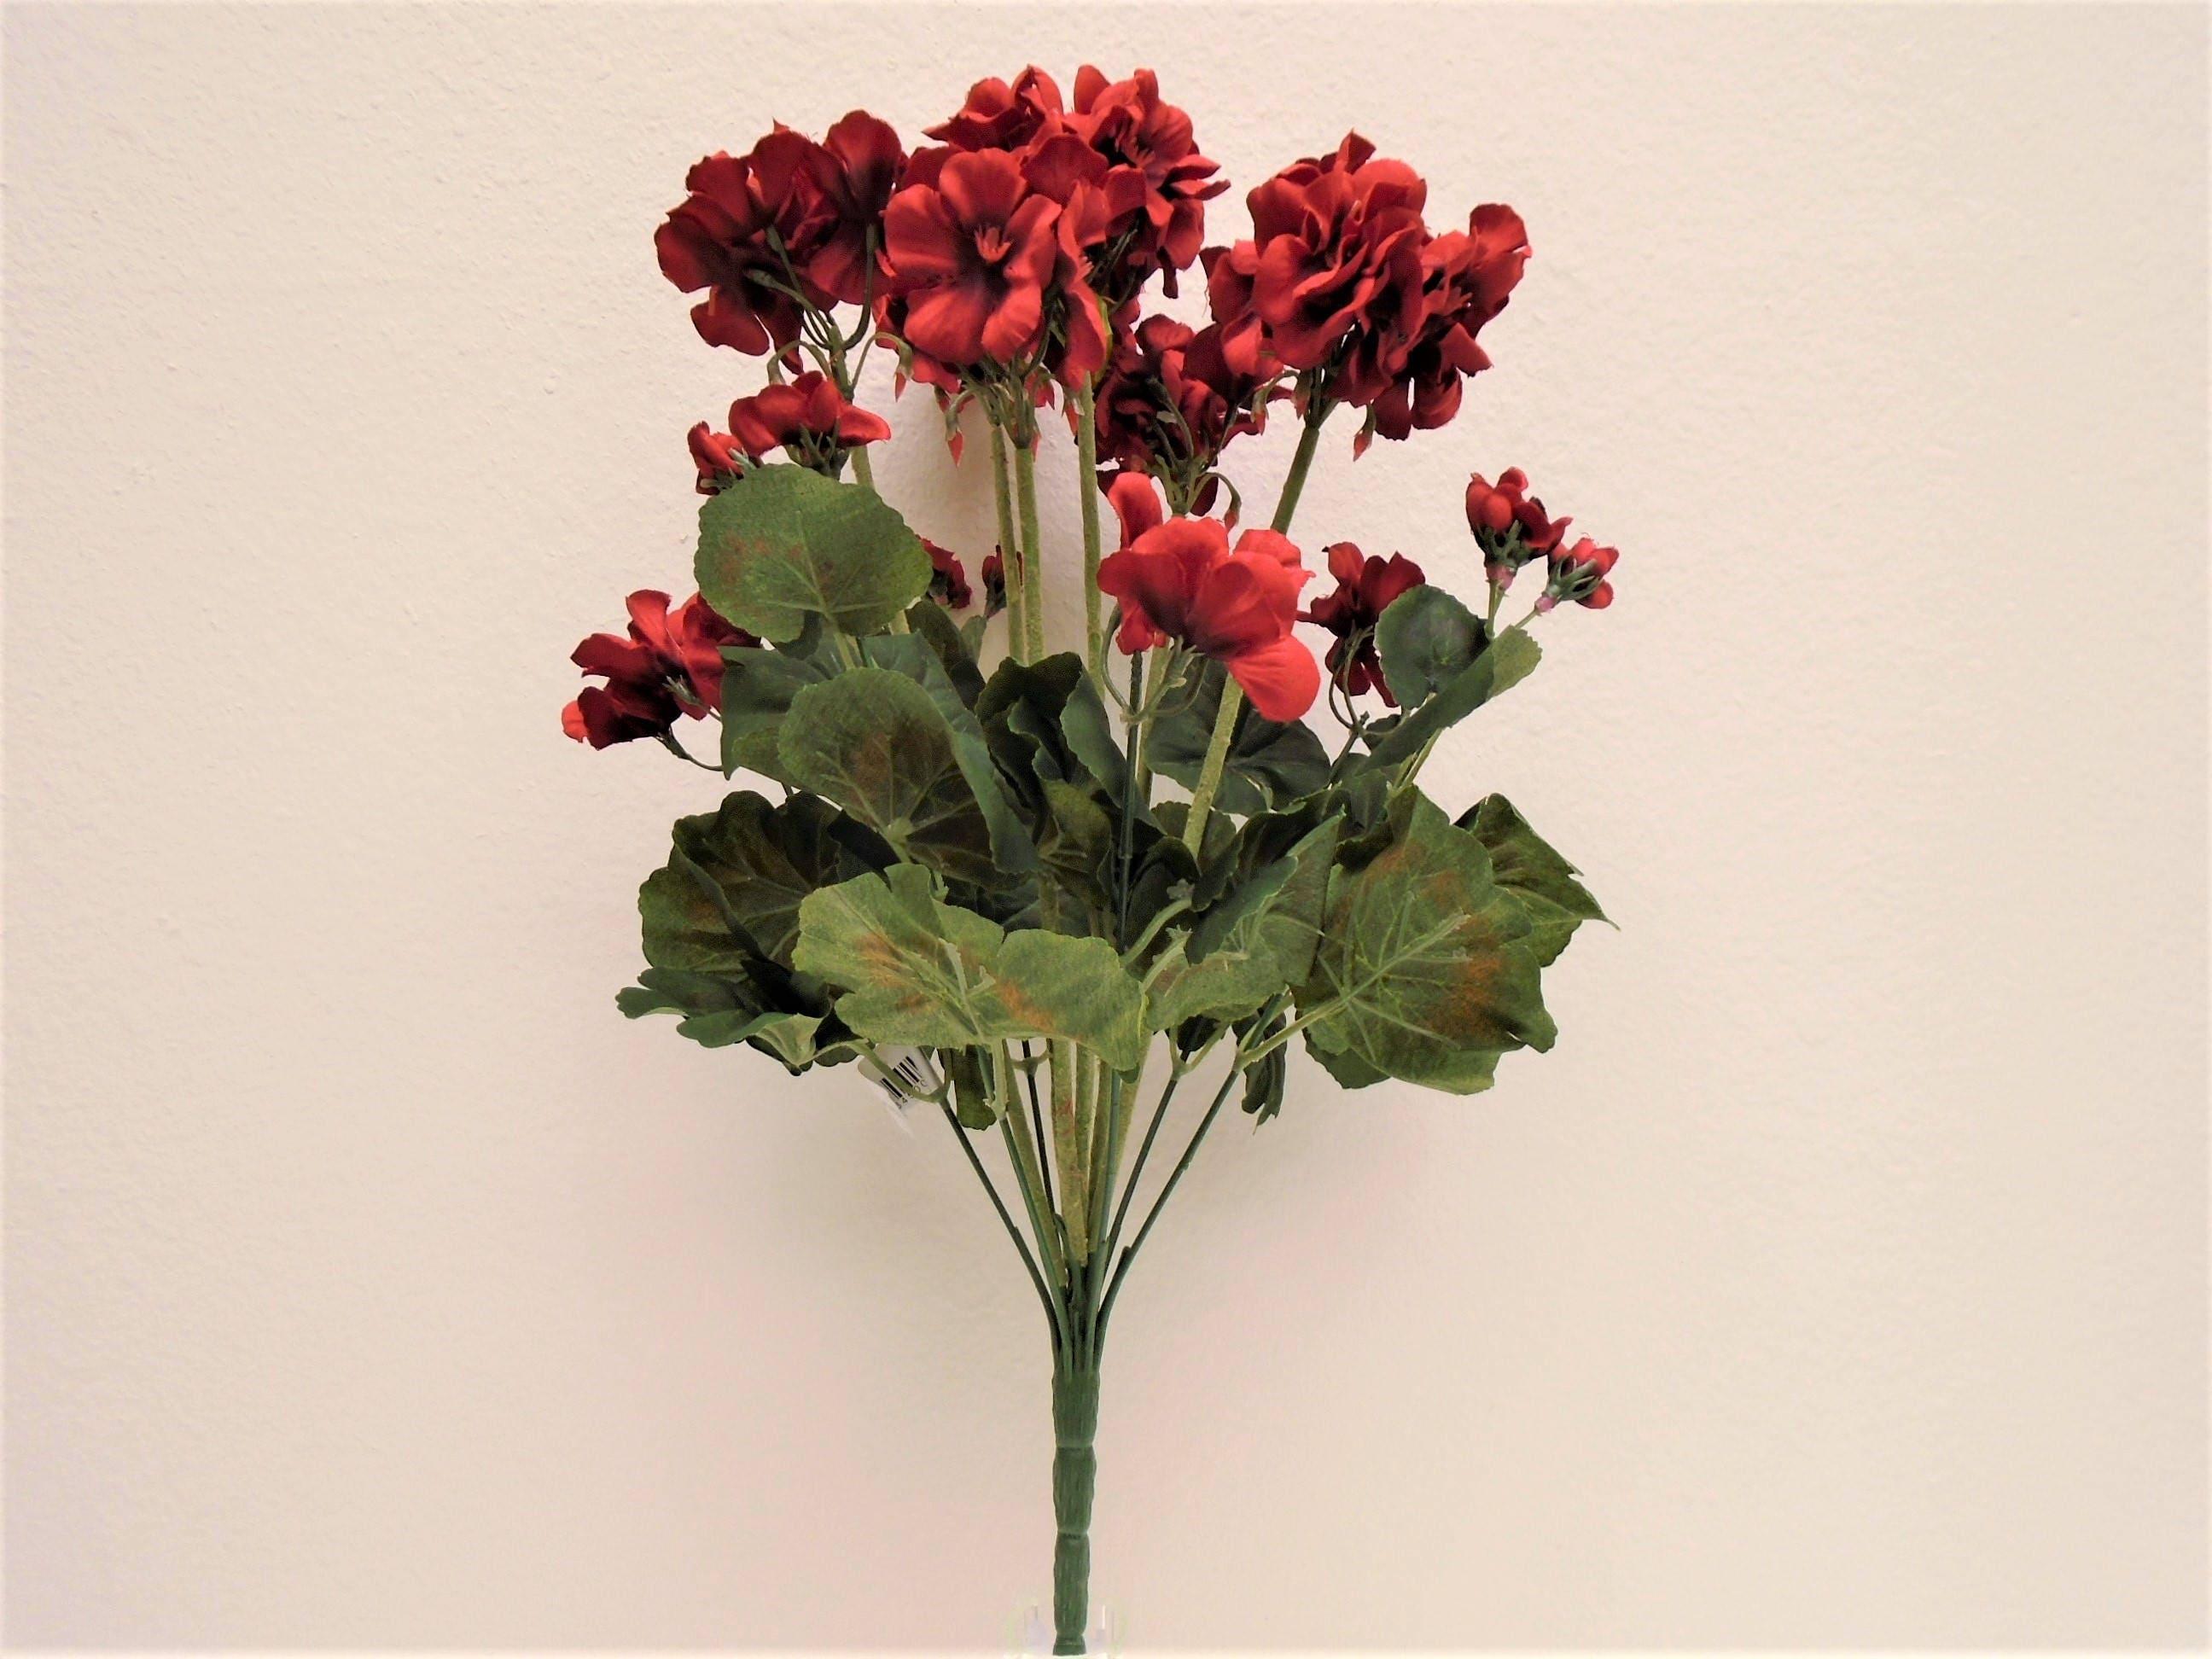 Red Geranium Bush Artificial Silk Flowers 20 Bouquet 12 8390rd From